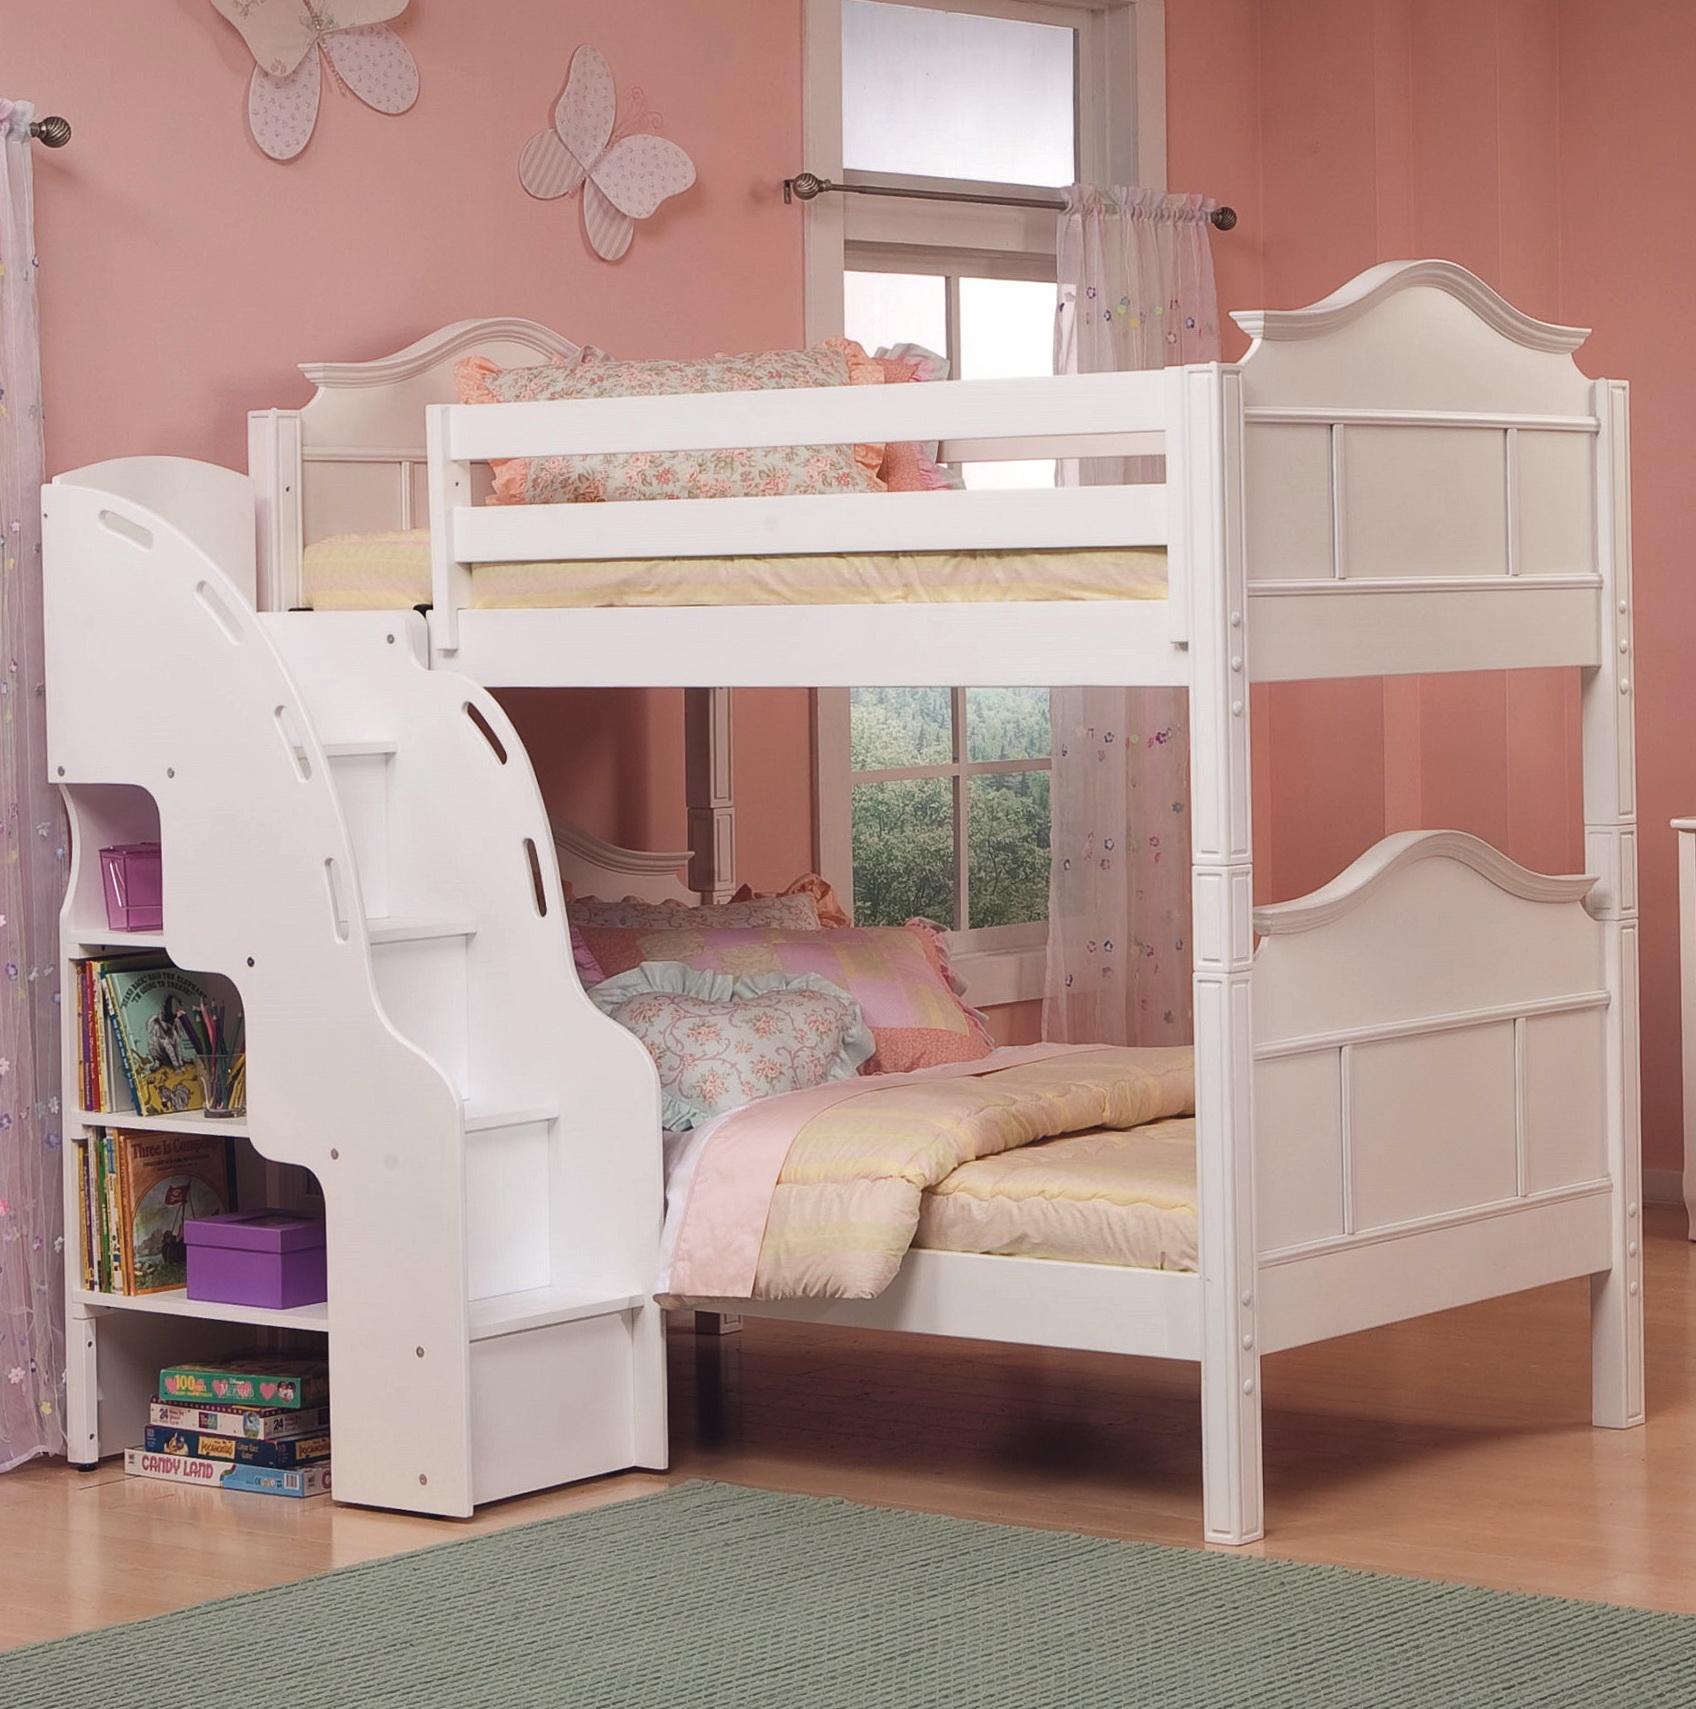 White Loft Bed With Storage